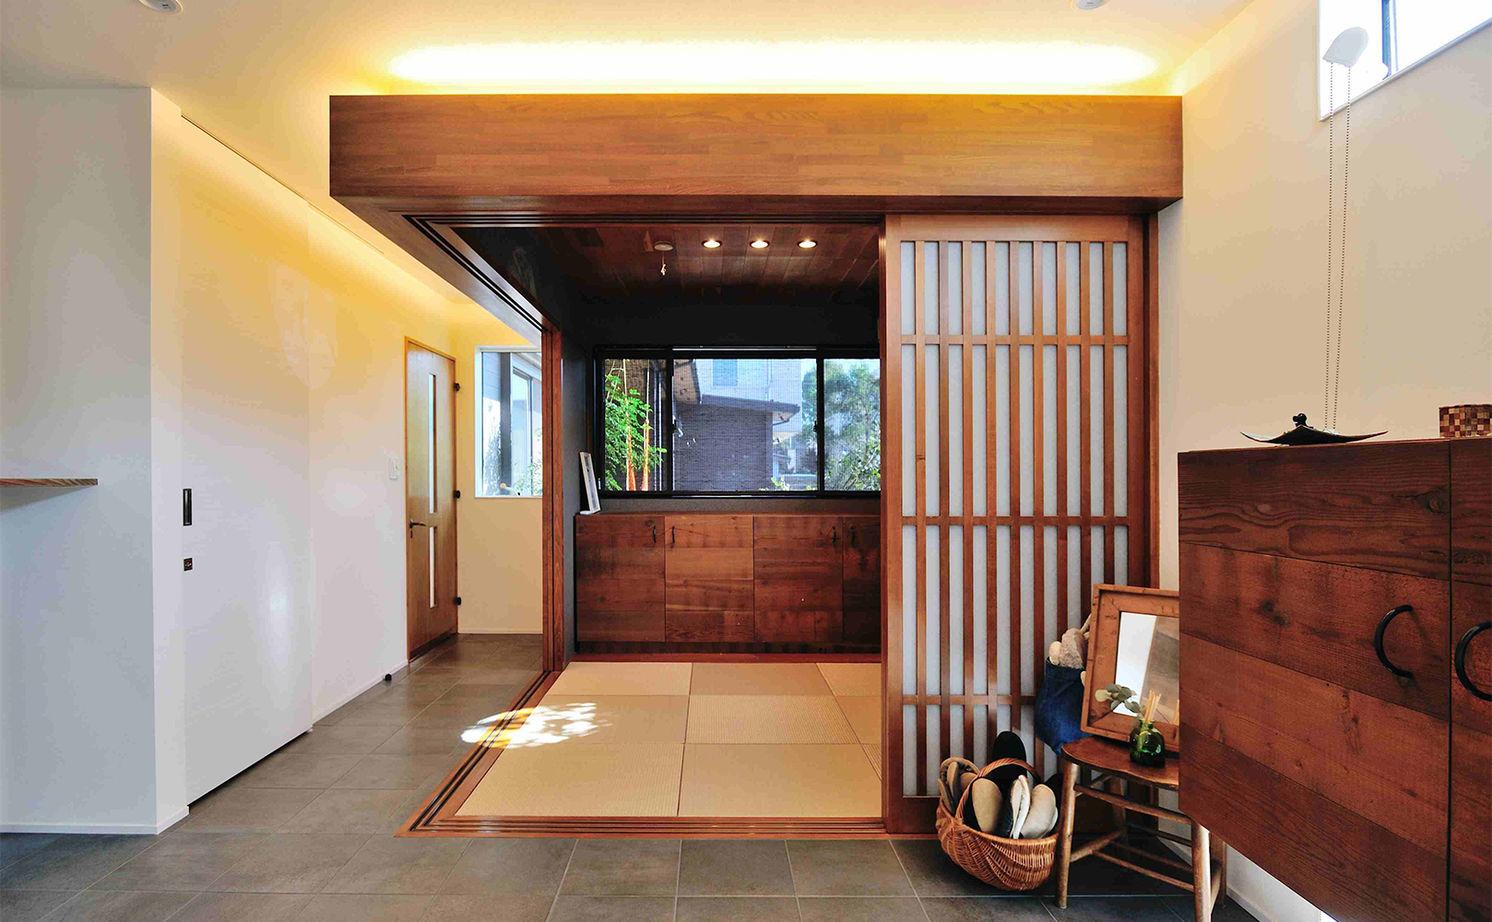 【7000万円/3台分のビルトインガレージ/薪ストーブ/広い庭】アンティークと長年使った家具がなじむ家画像3